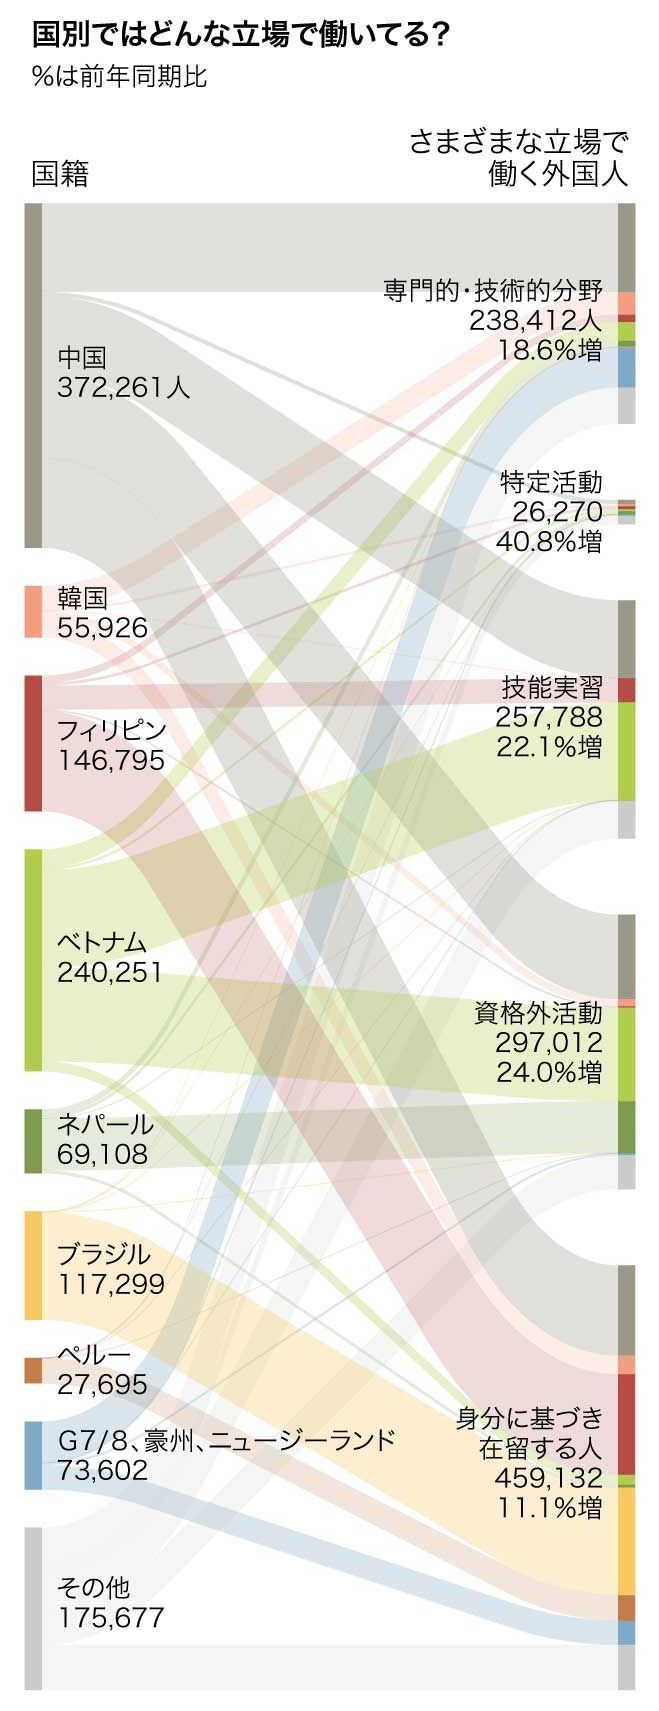 国別で、日本でどんな立場で働いているかを表した=加藤啓太郎、小林省太作成